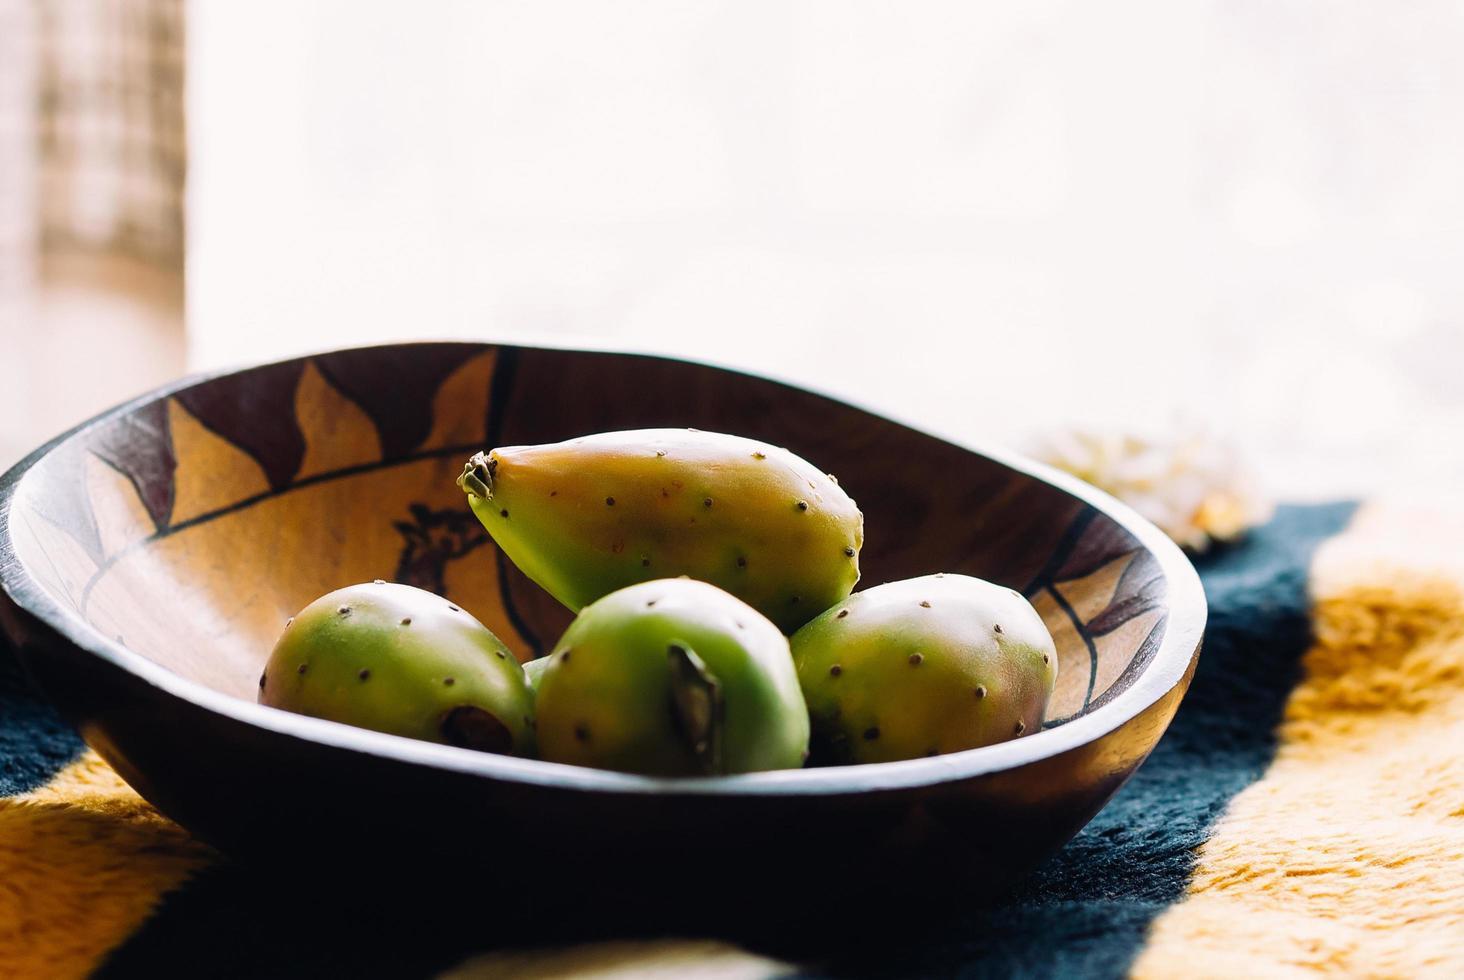 färska kaktuspäron i en träskål, selektivt fokus, dagsljus från fönstret. exotisk frukt för din hälsosamma kost foto